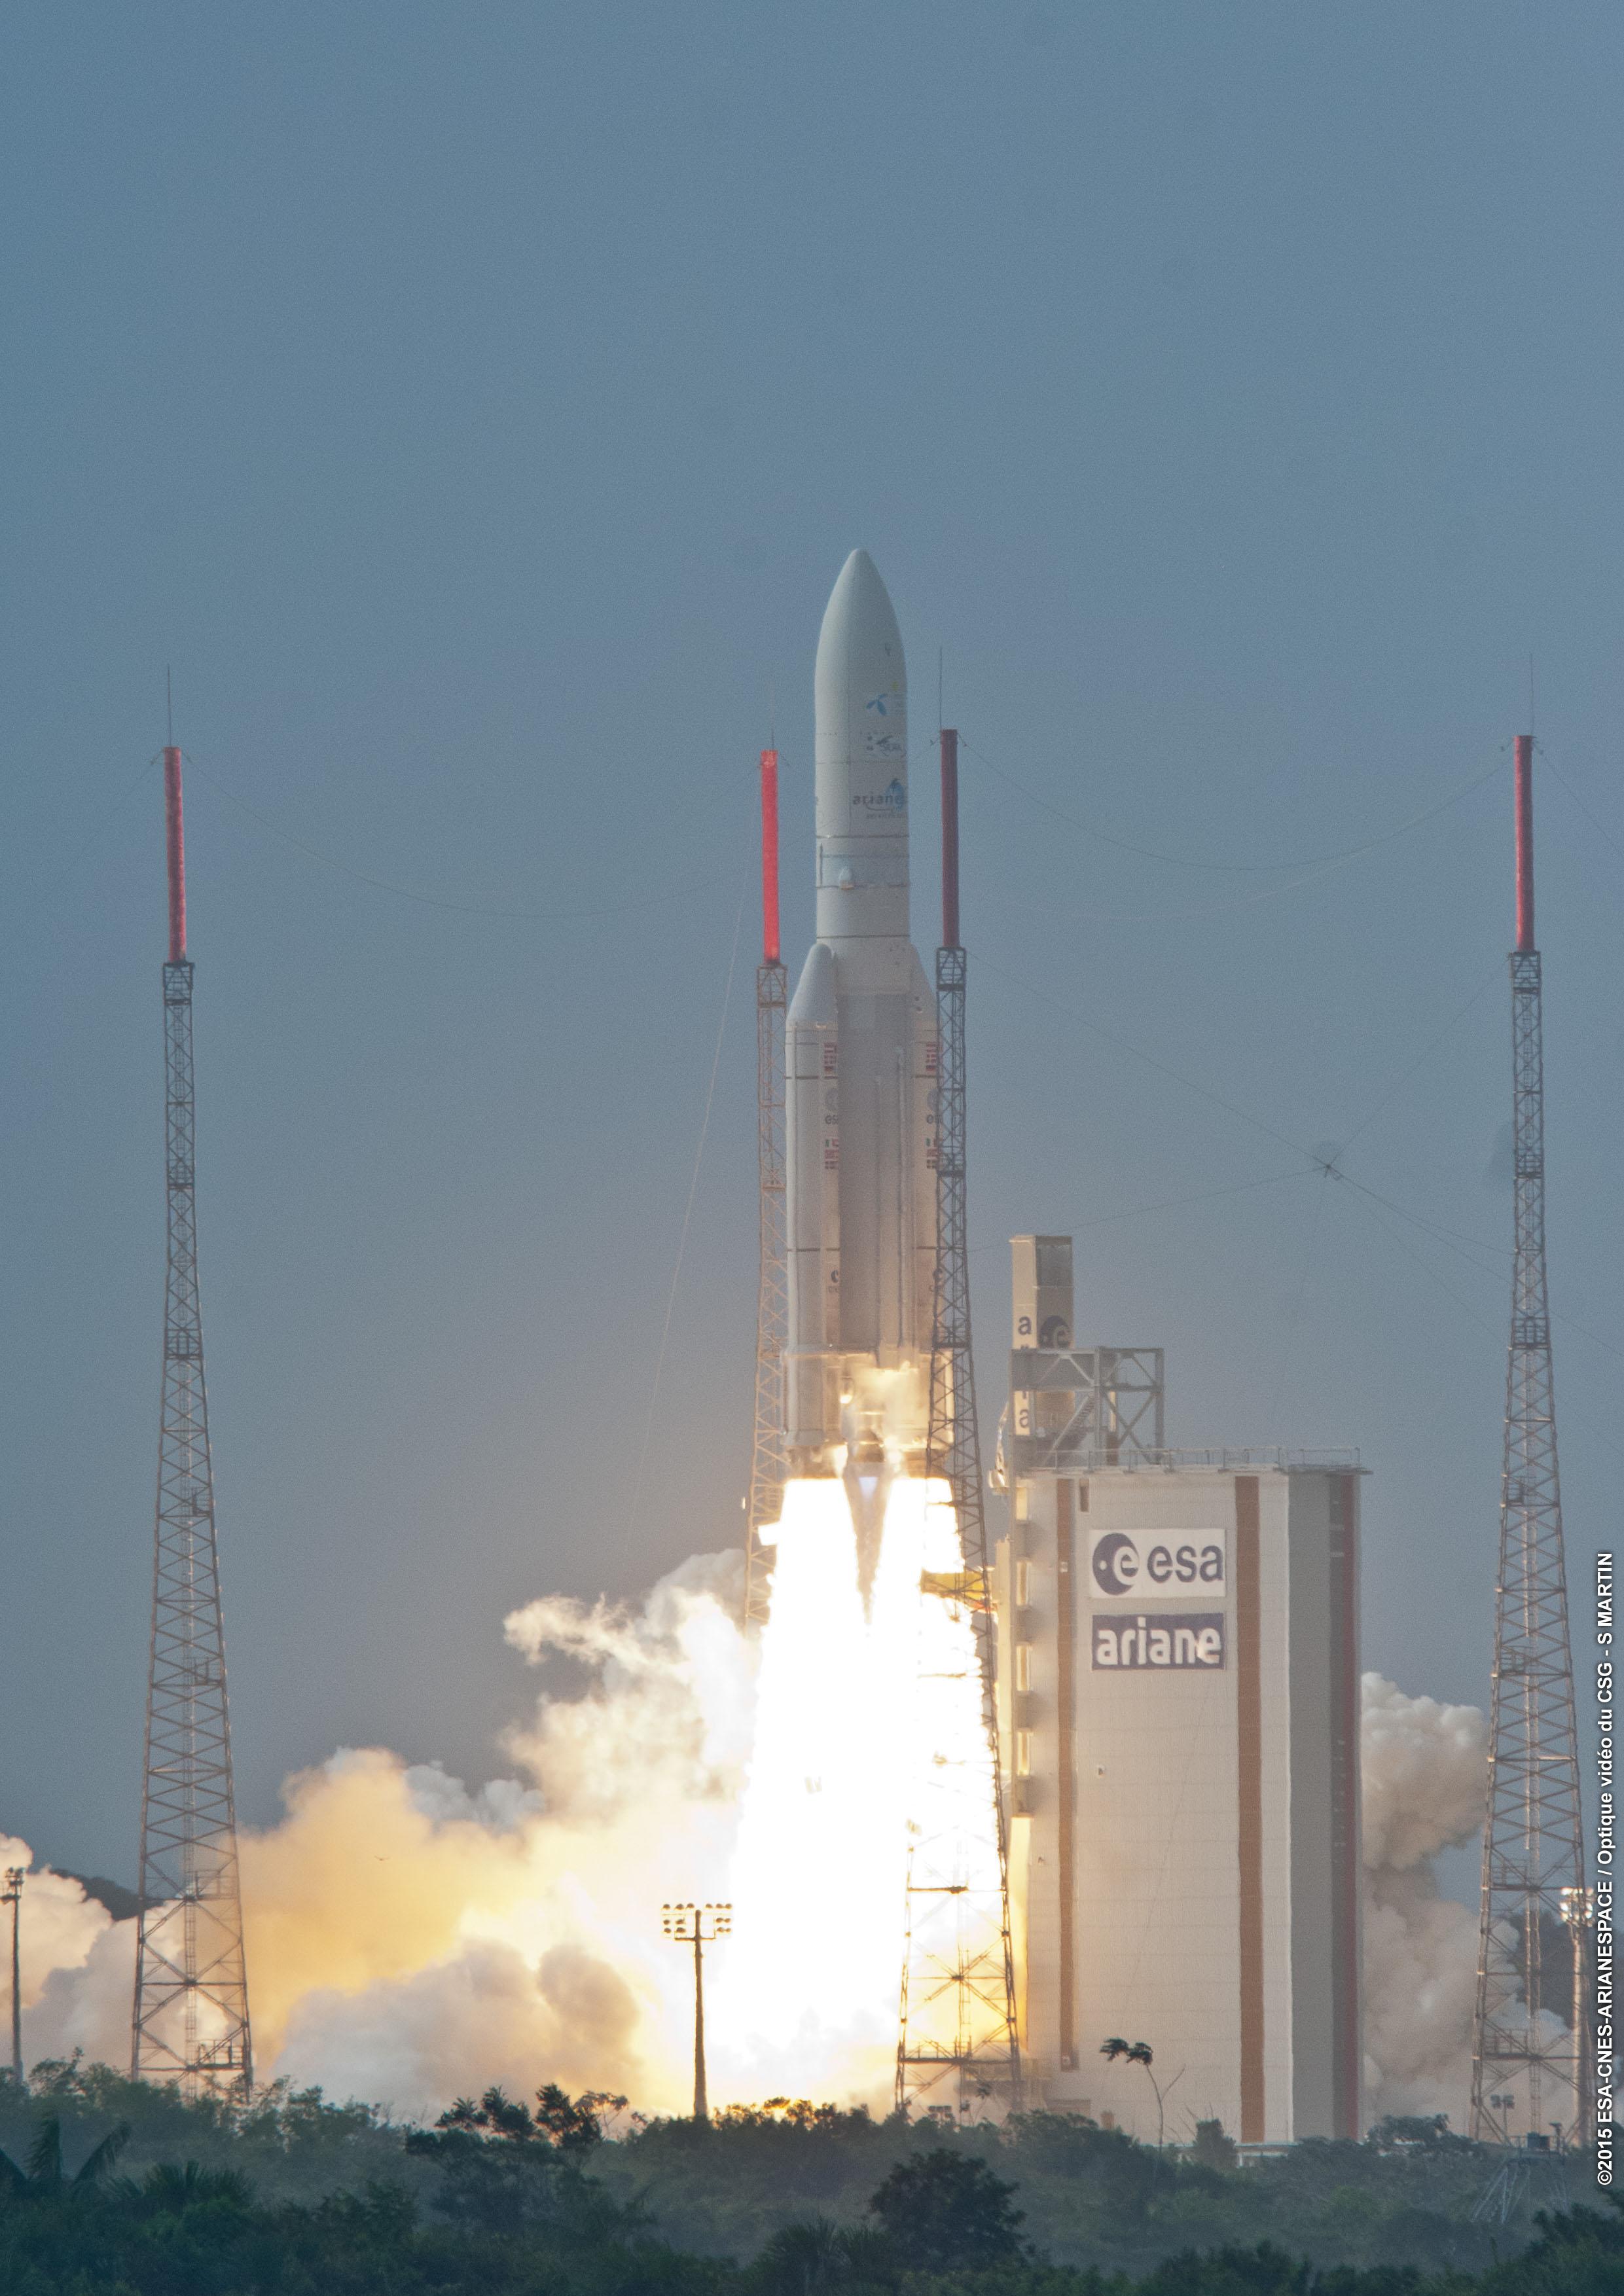 Oppskyting Av Satellitten Thor 7 I April 2015.